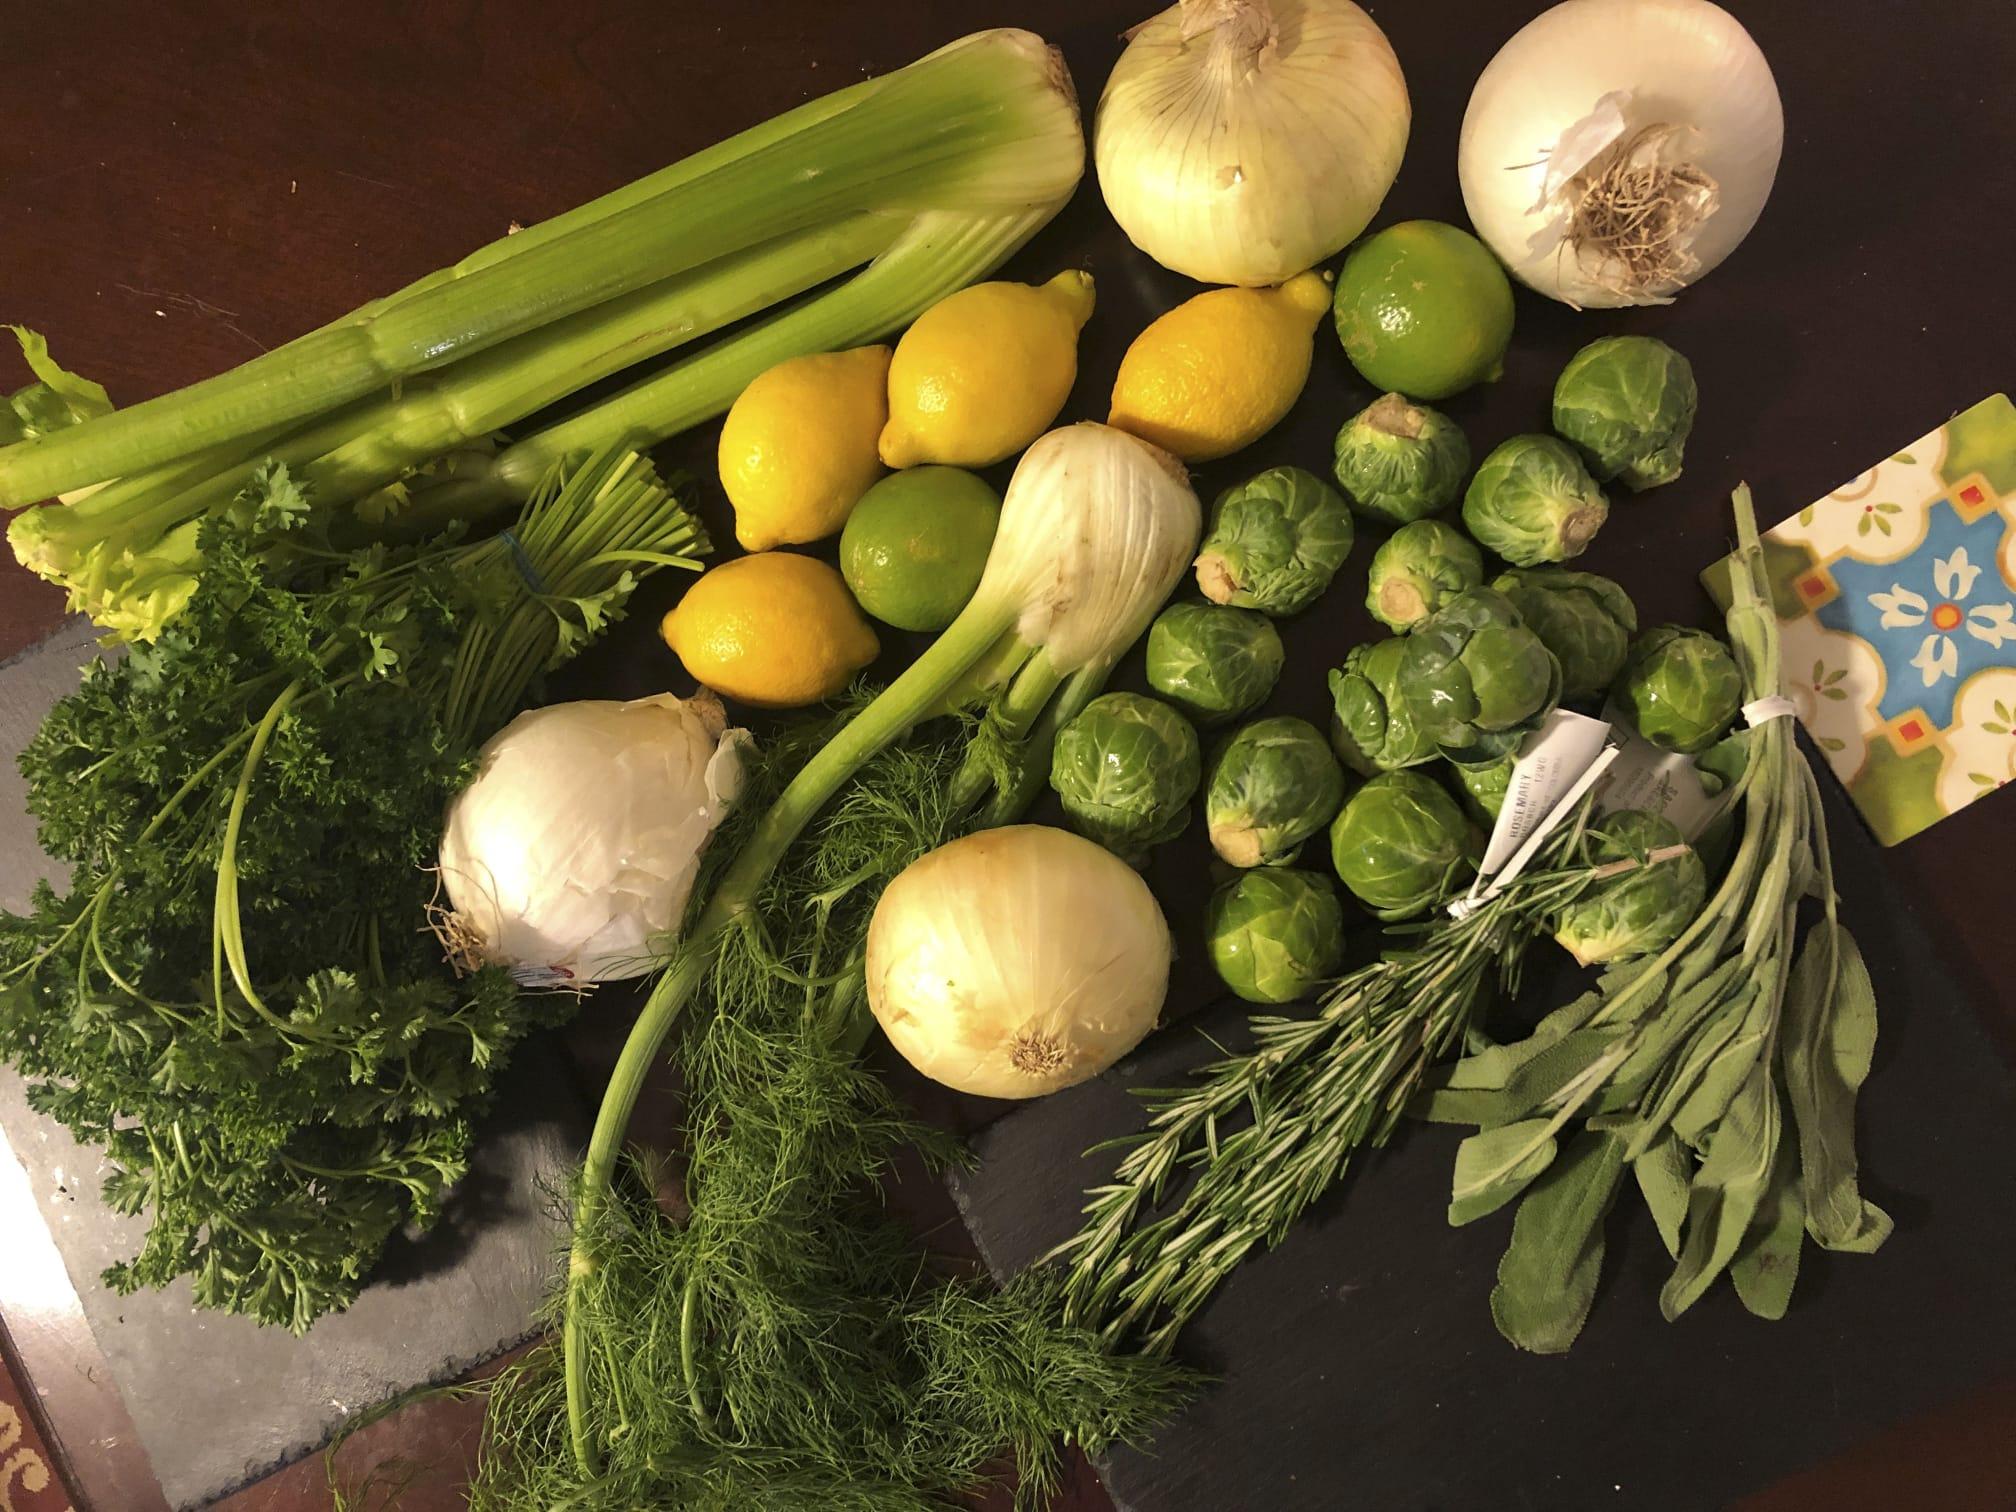 Las verduras de temporada ayudan al sistema inmune en otoño.